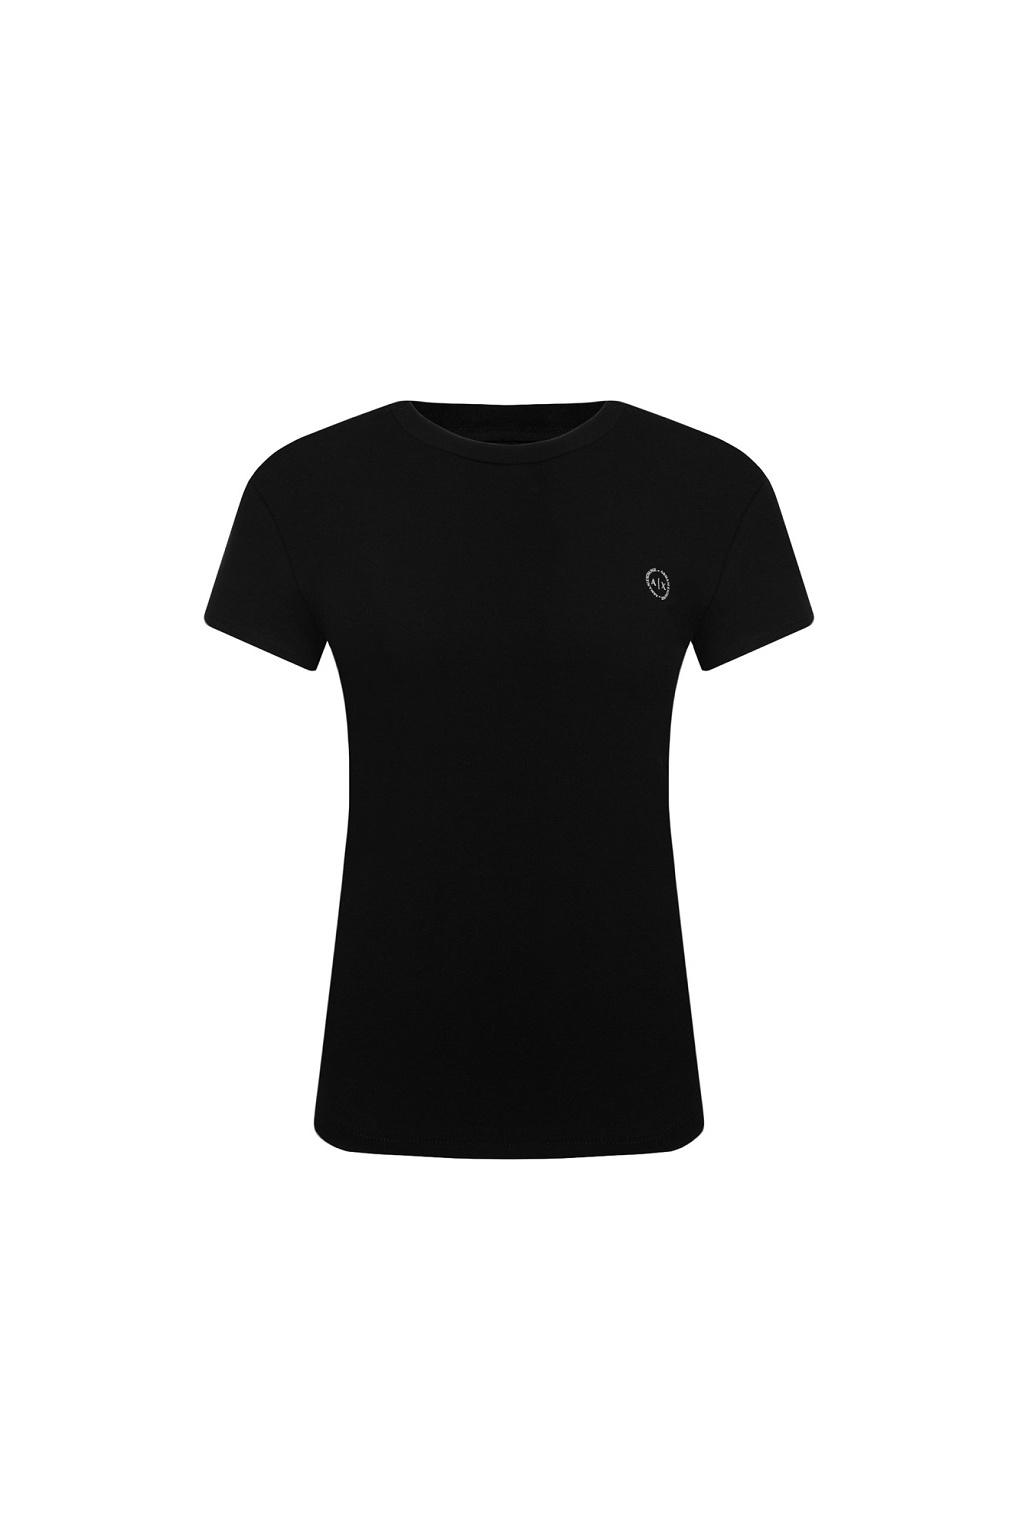 8NYT74 Y8C7Z Dámské tričko Armani Exchange černé